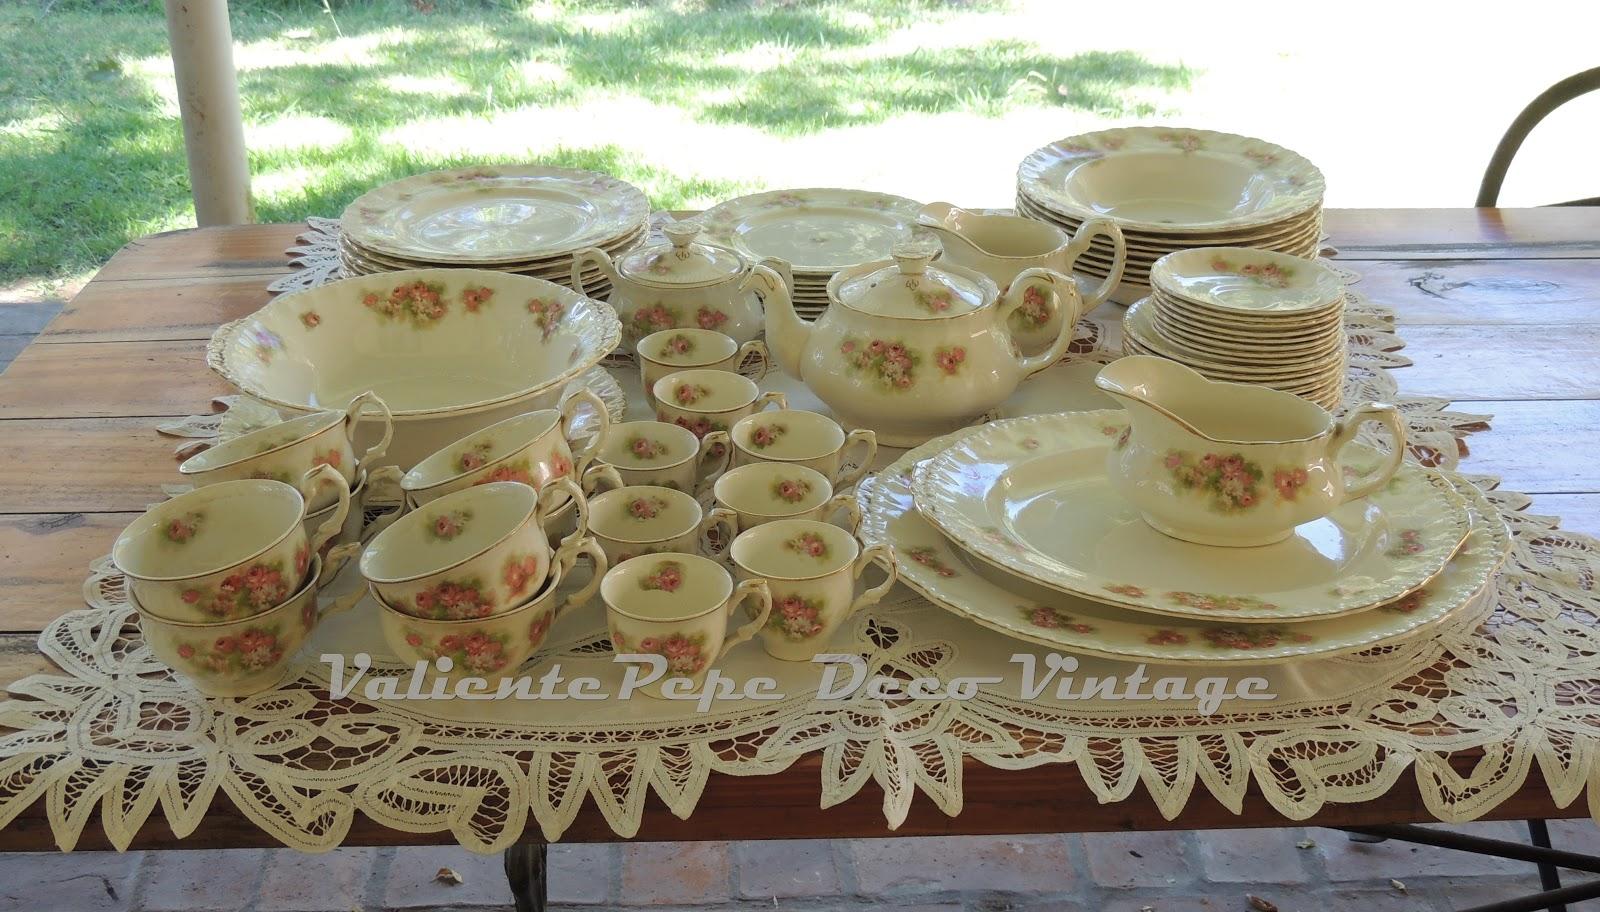 Valiente pepe vajilla inglesa porcelana grindley for Vajilla de porcelana inglesa